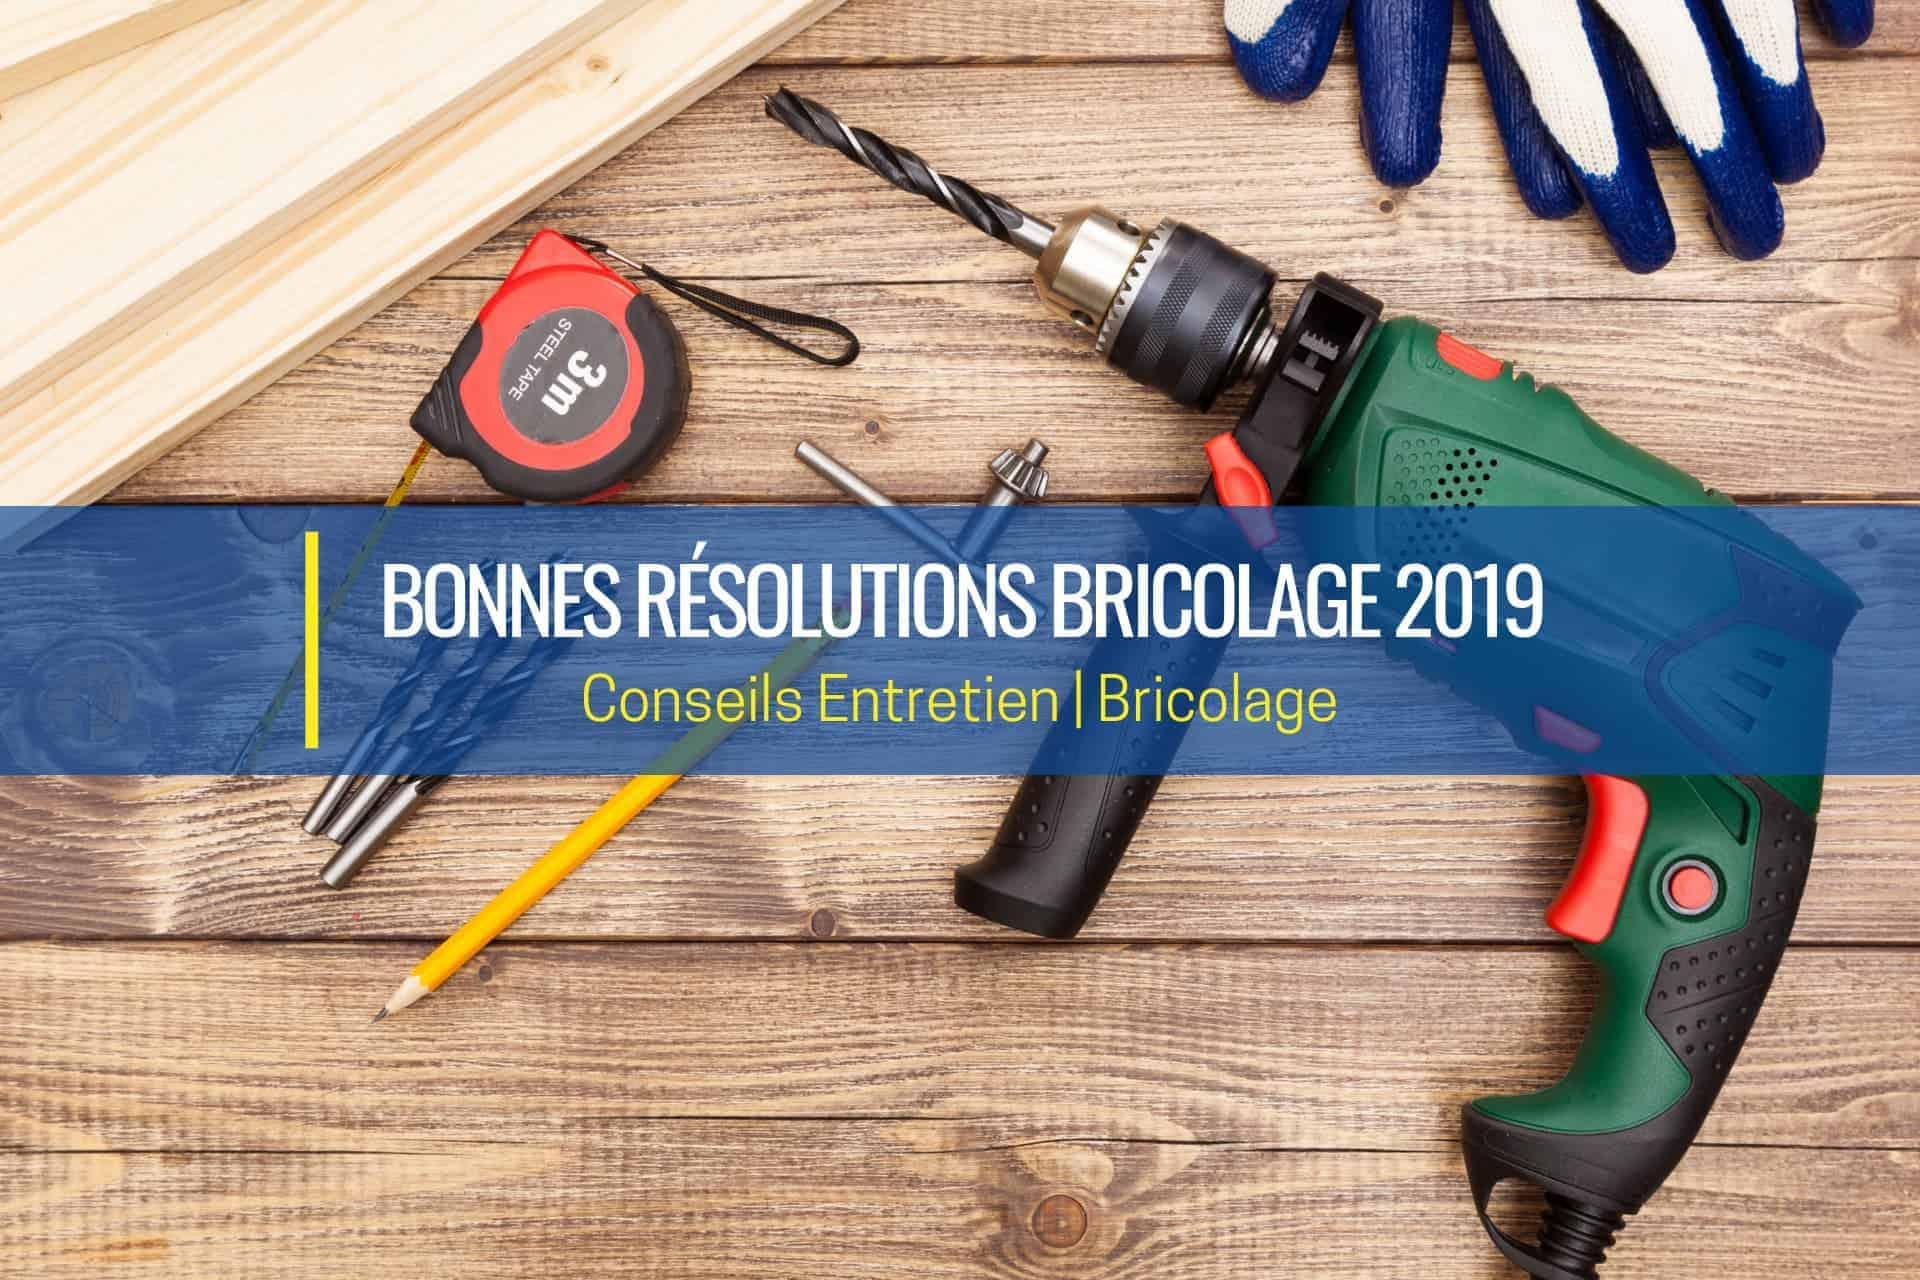 bonnes résolutions bricolage 2019 bd